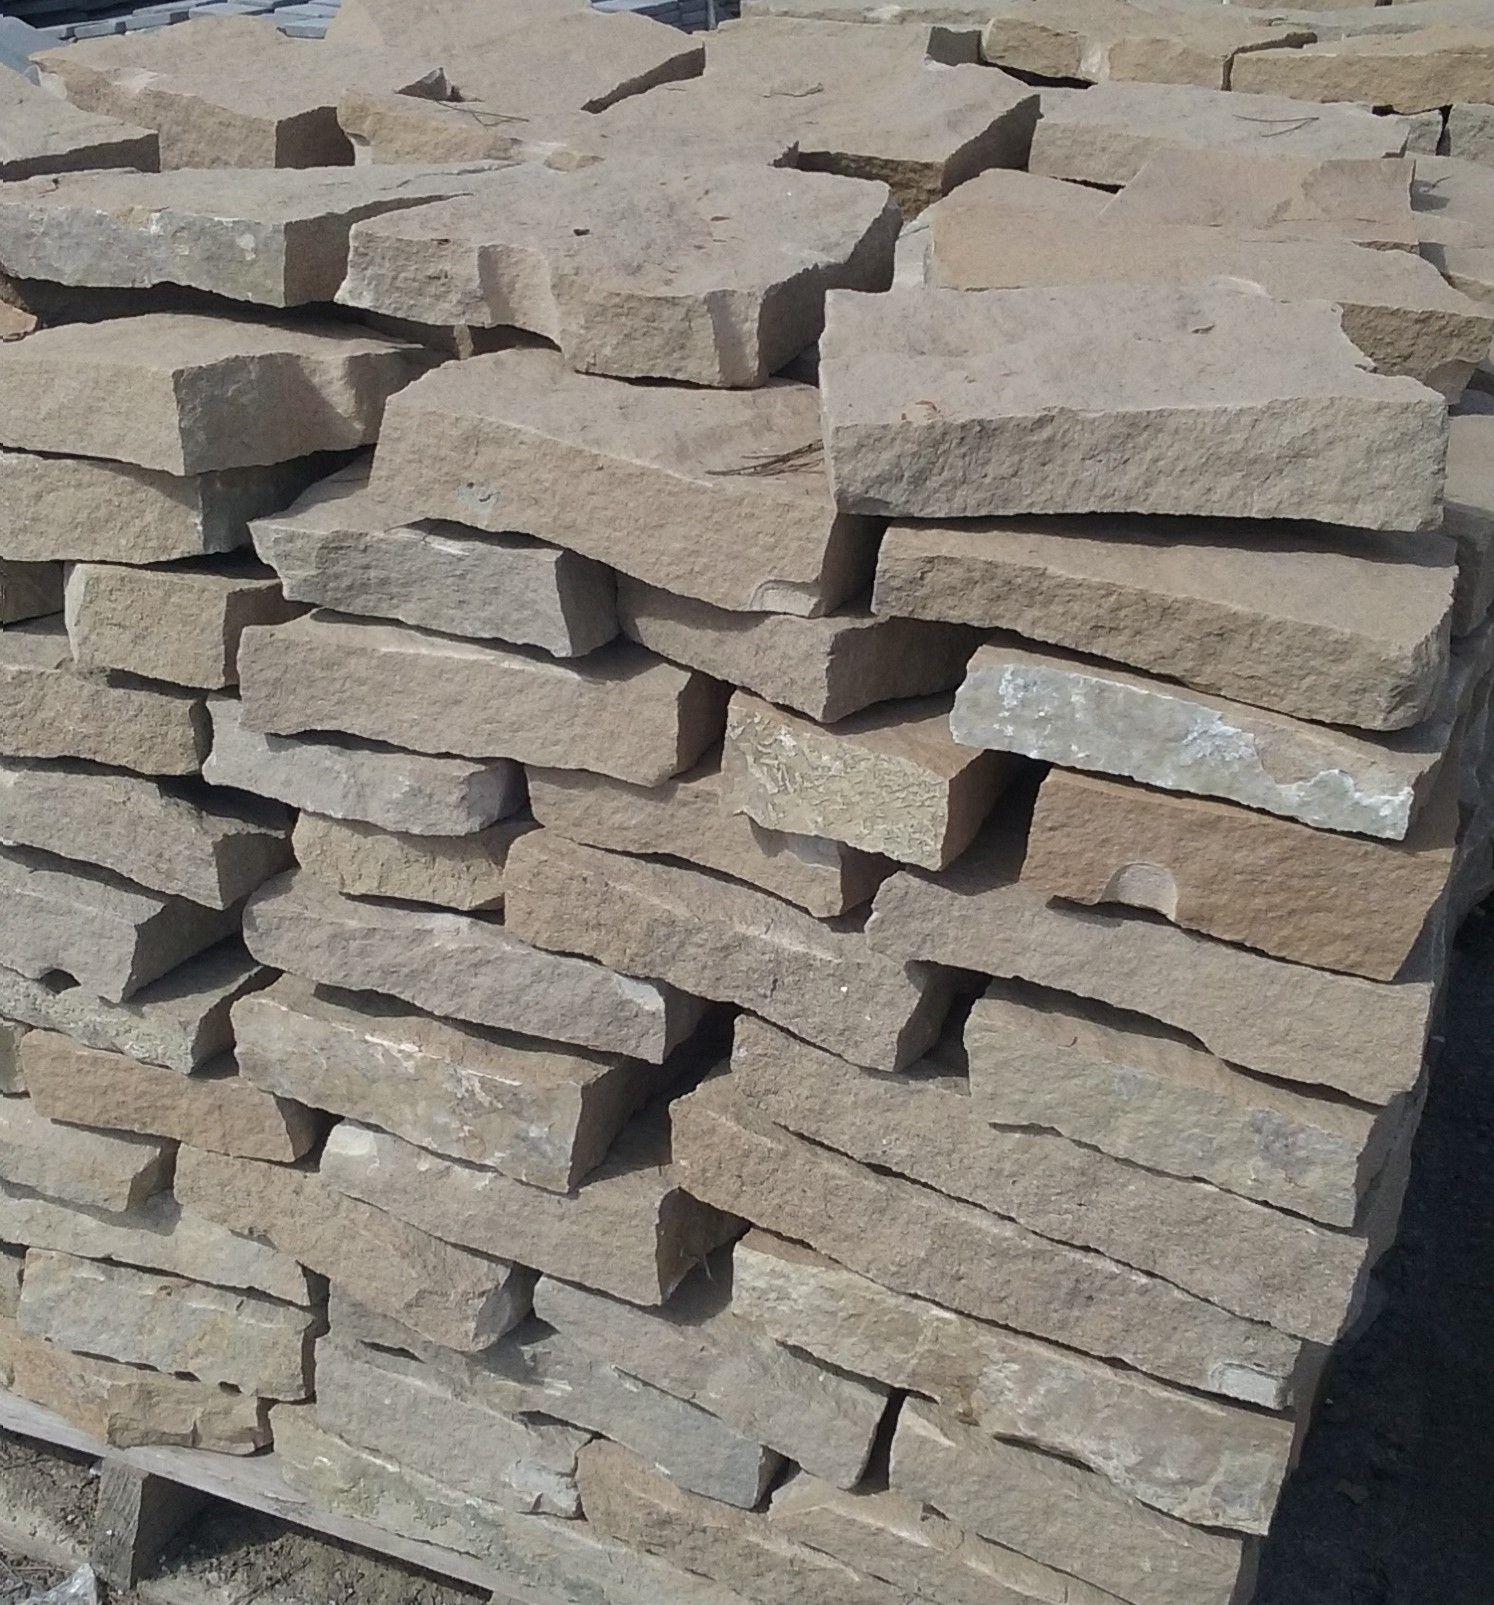 Losa arenisca marr n de 3 a 4 5 cm piedra natural para pavimentos y aplacados tonos muy - Pared de piedra natural ...